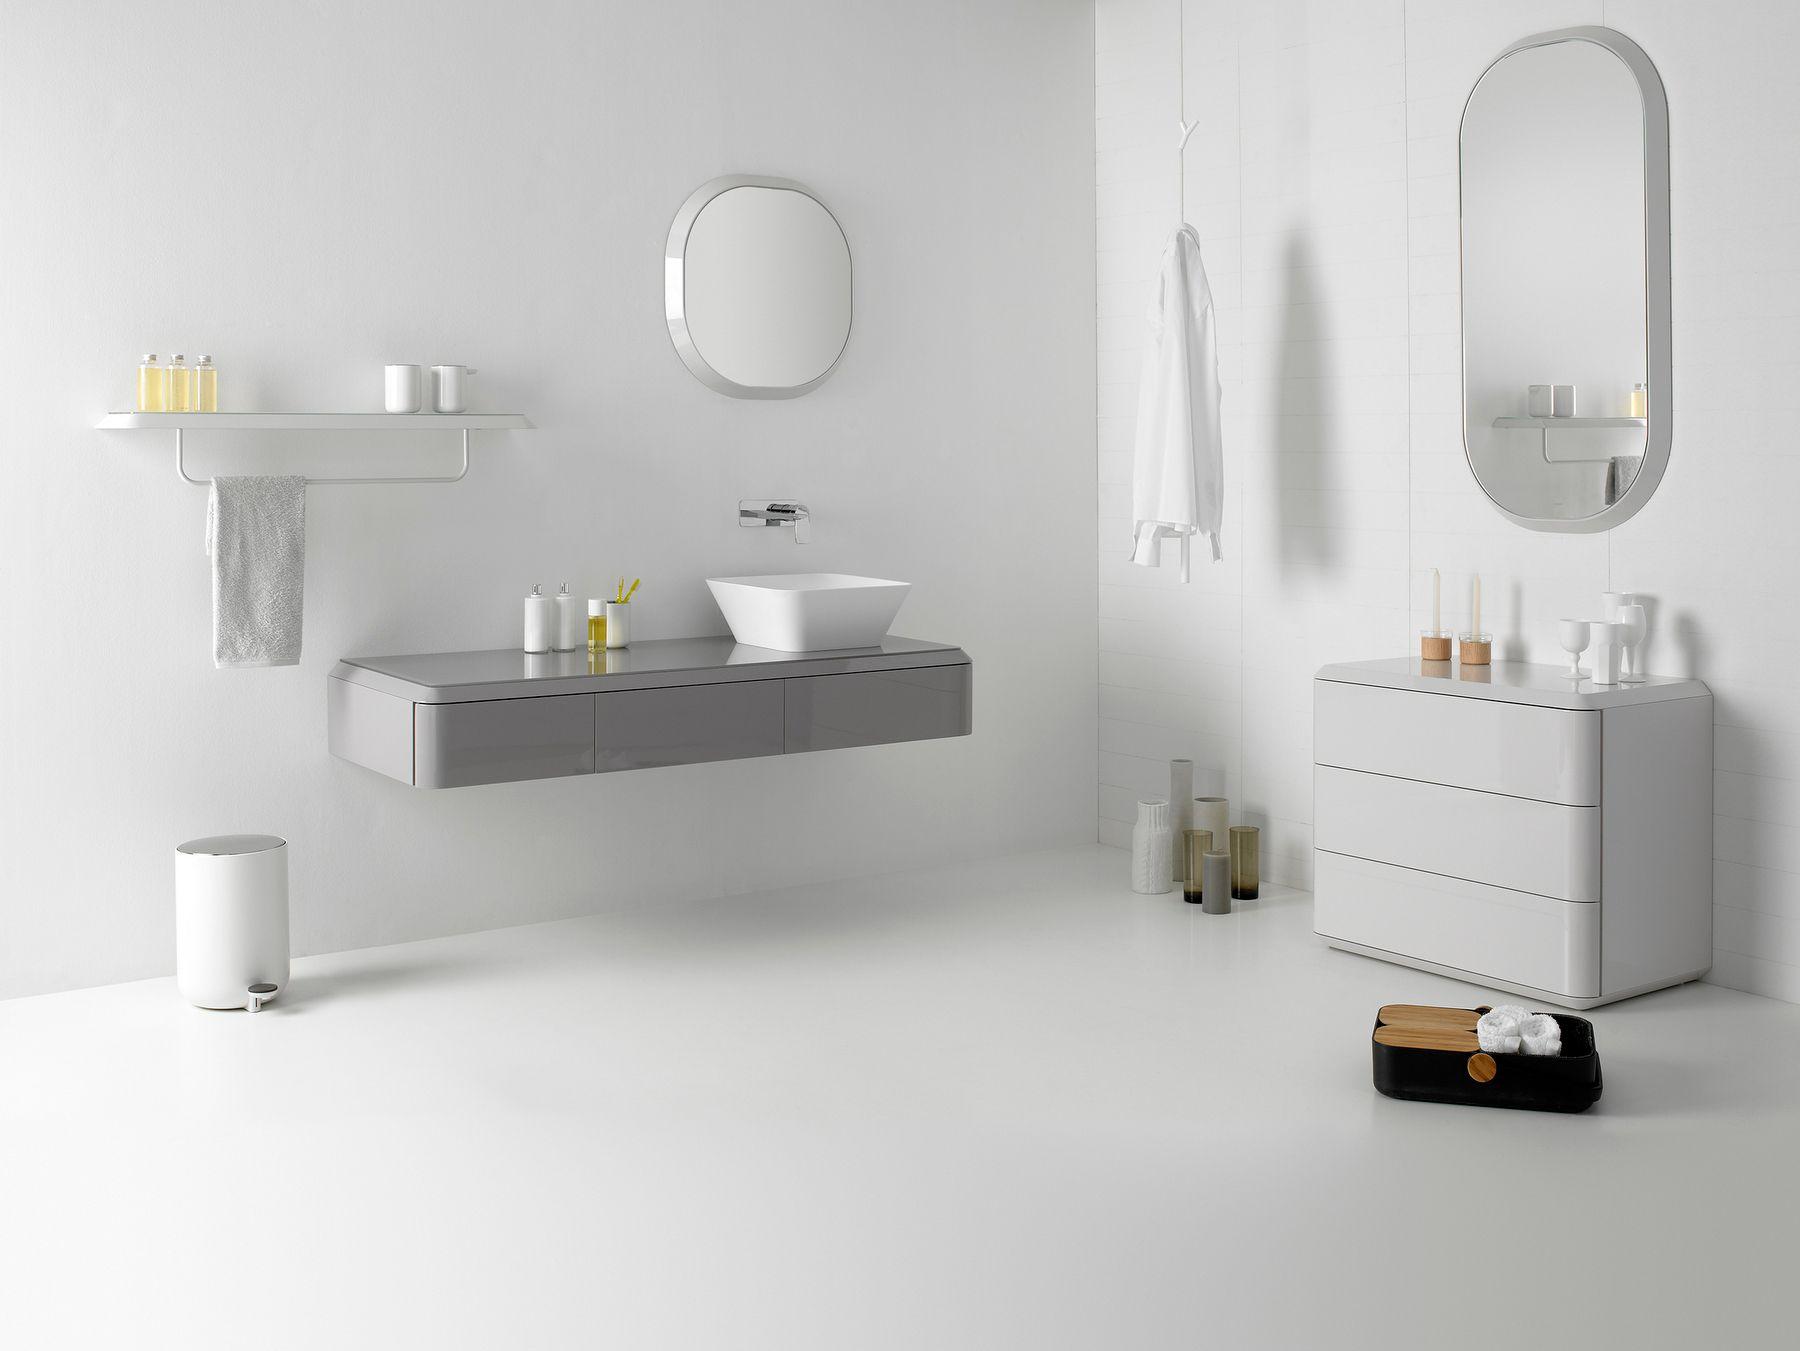 Fluent mobile lavabo by inbani design arik levy - Mobili lavabo sospesi ...